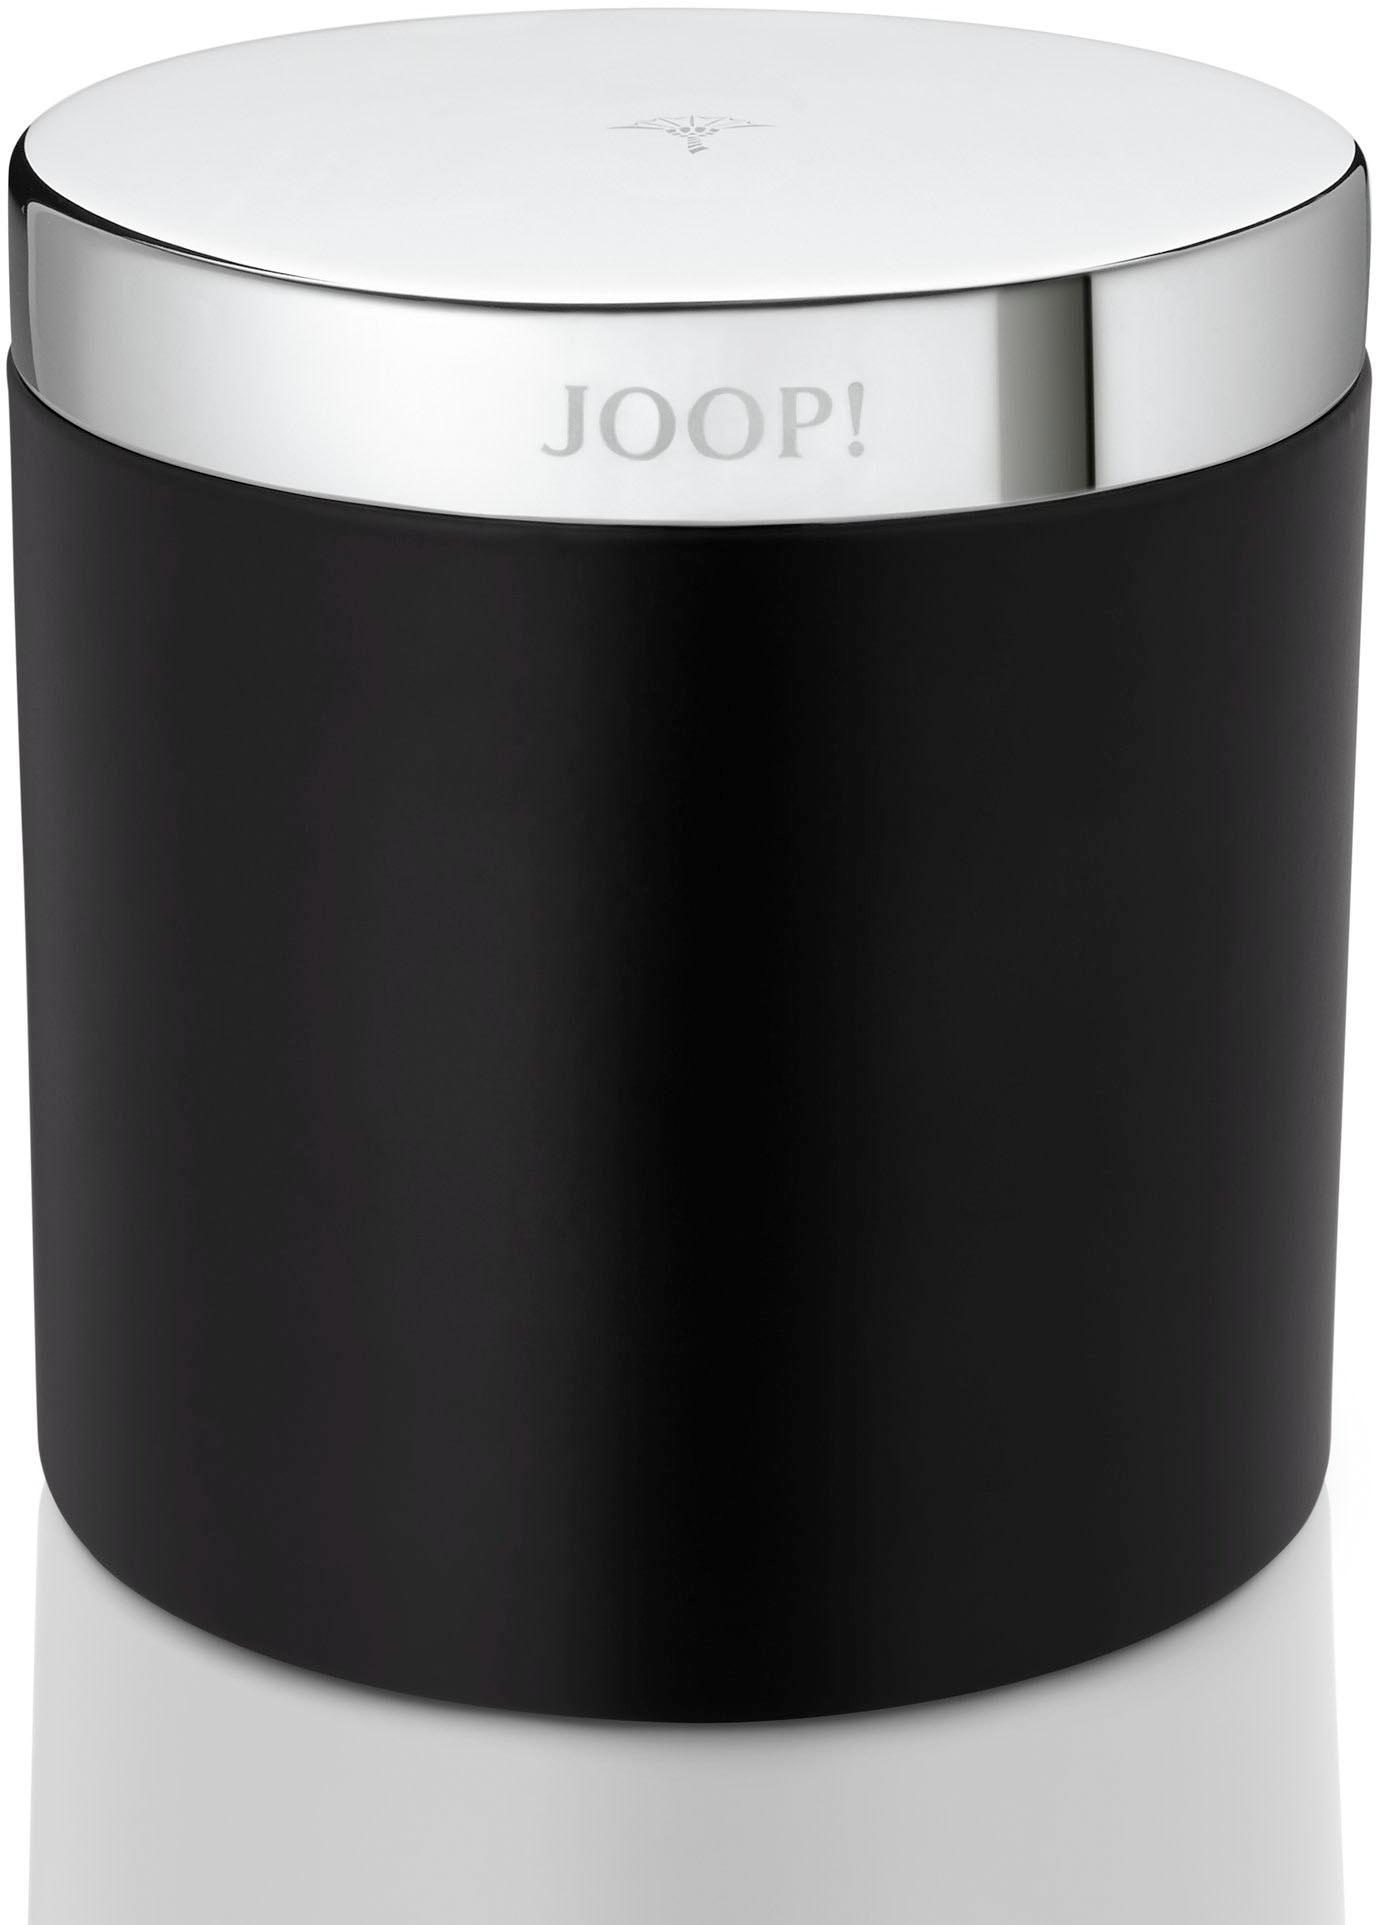 Joop! Joop Kosmetikbox schwarz Badaufbewahrung Badaccessoires Badmöbel Aufbewahrungsboxen